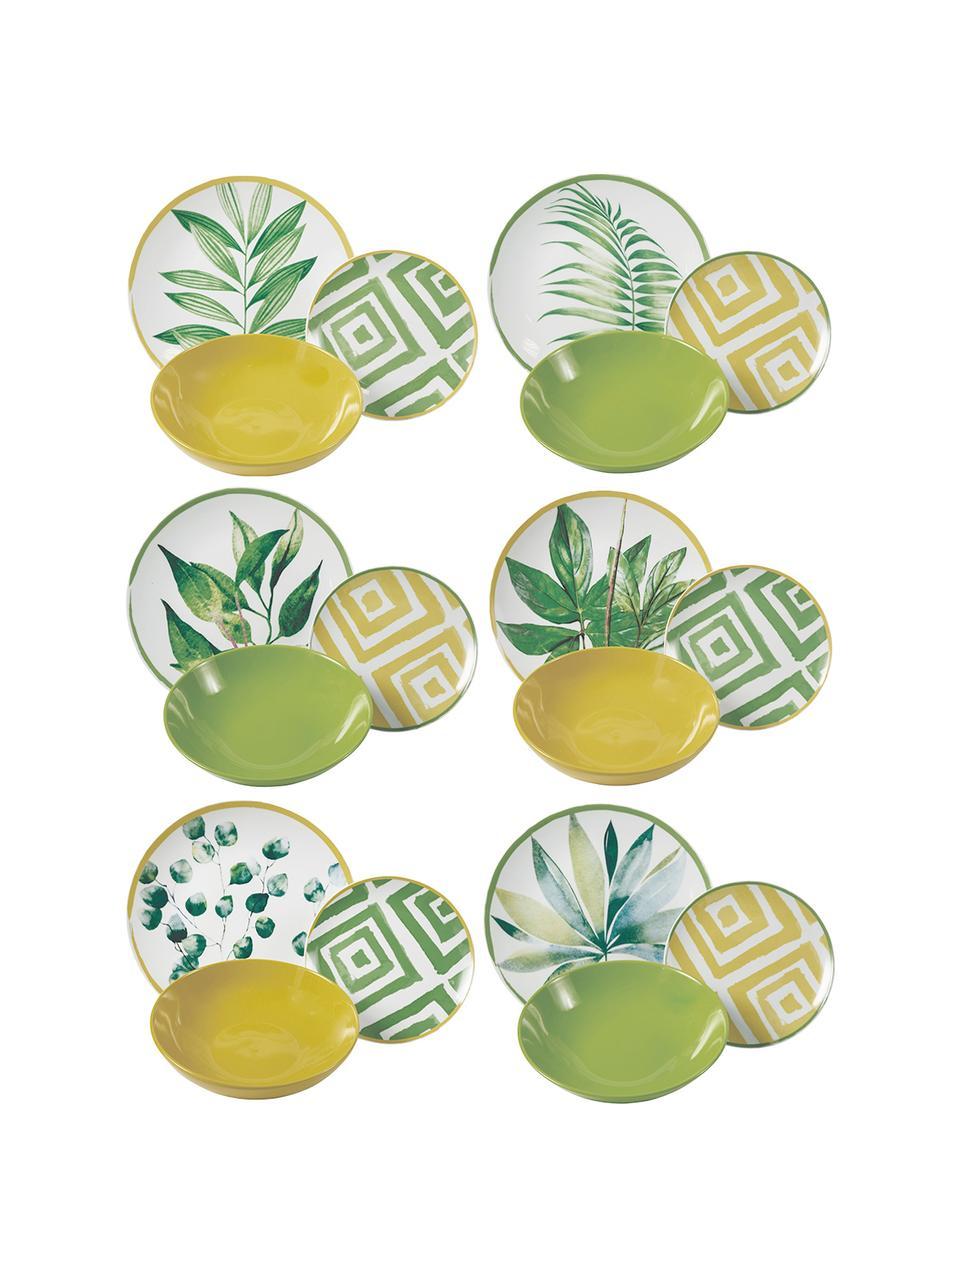 Geschirr-Set Botanique mit tropischem Design, 6 Personen (18-tlg.), Grün, Weiß, Gelb, Sondergrößen